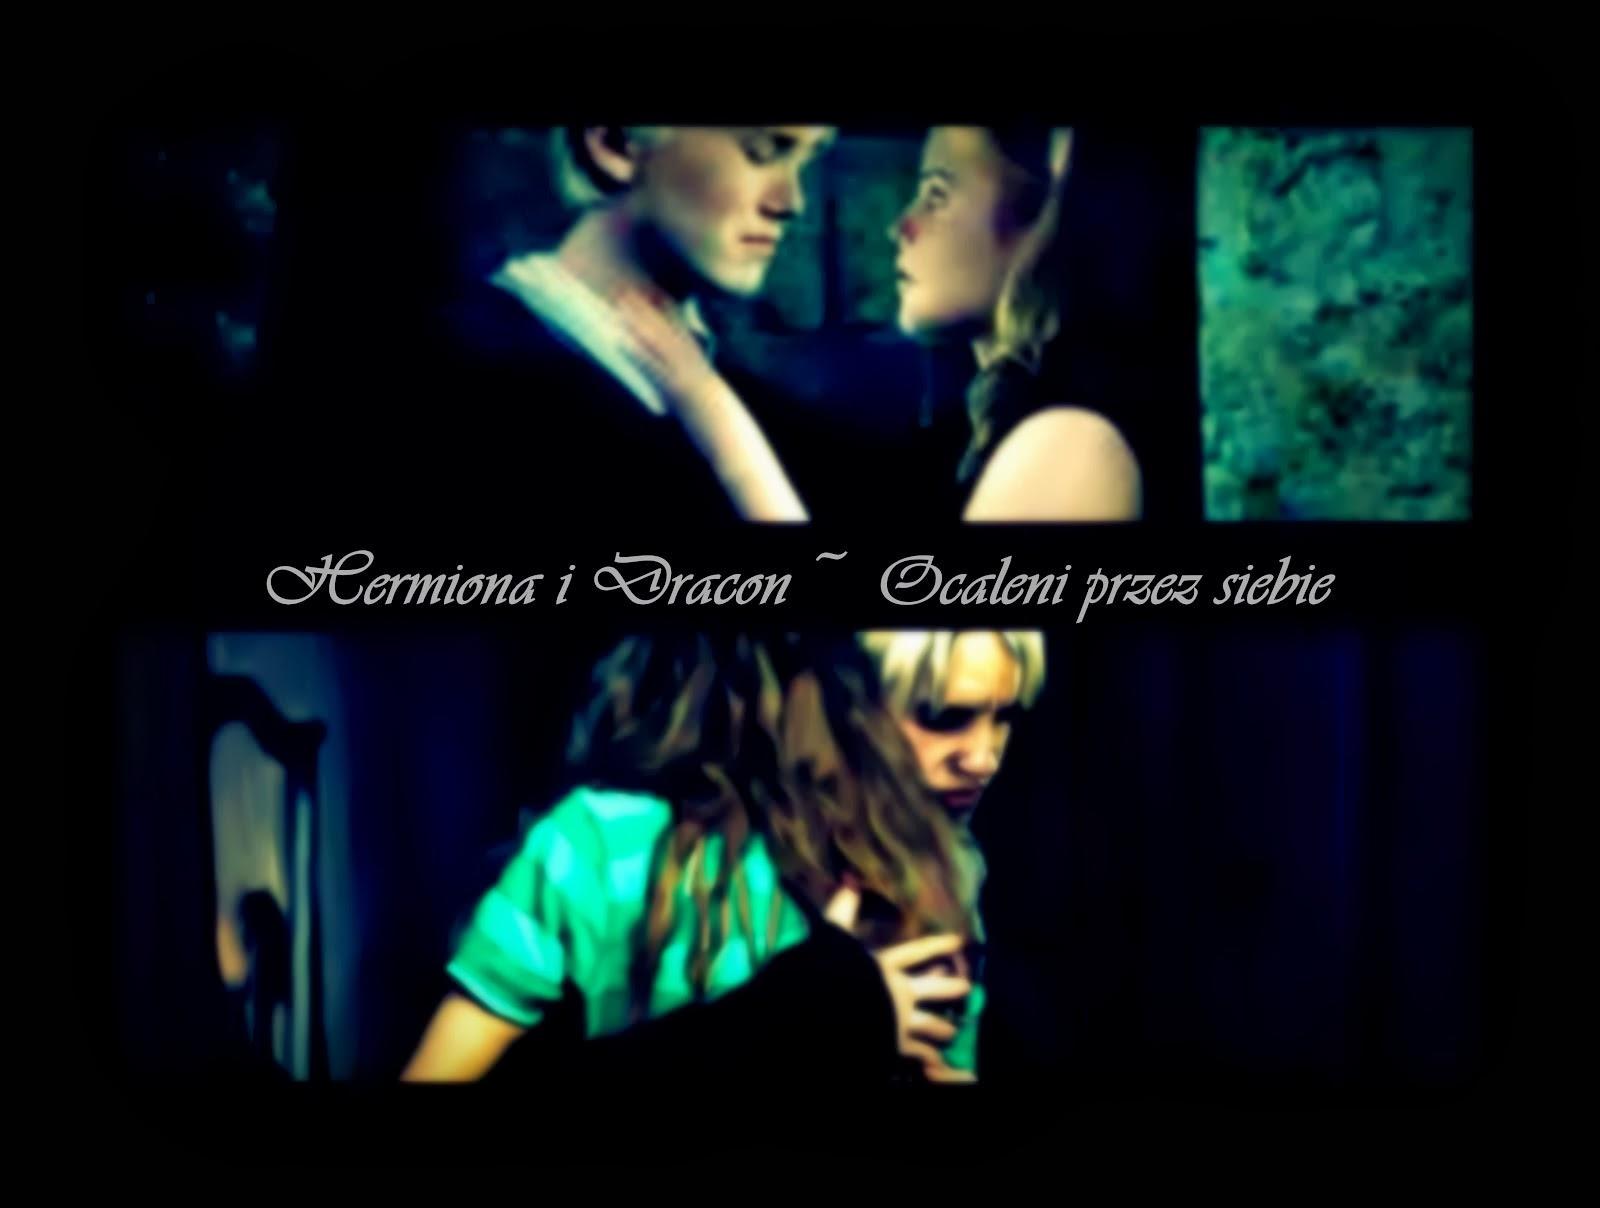 Hermiona i Draco ~ Ocaleni przez siebie